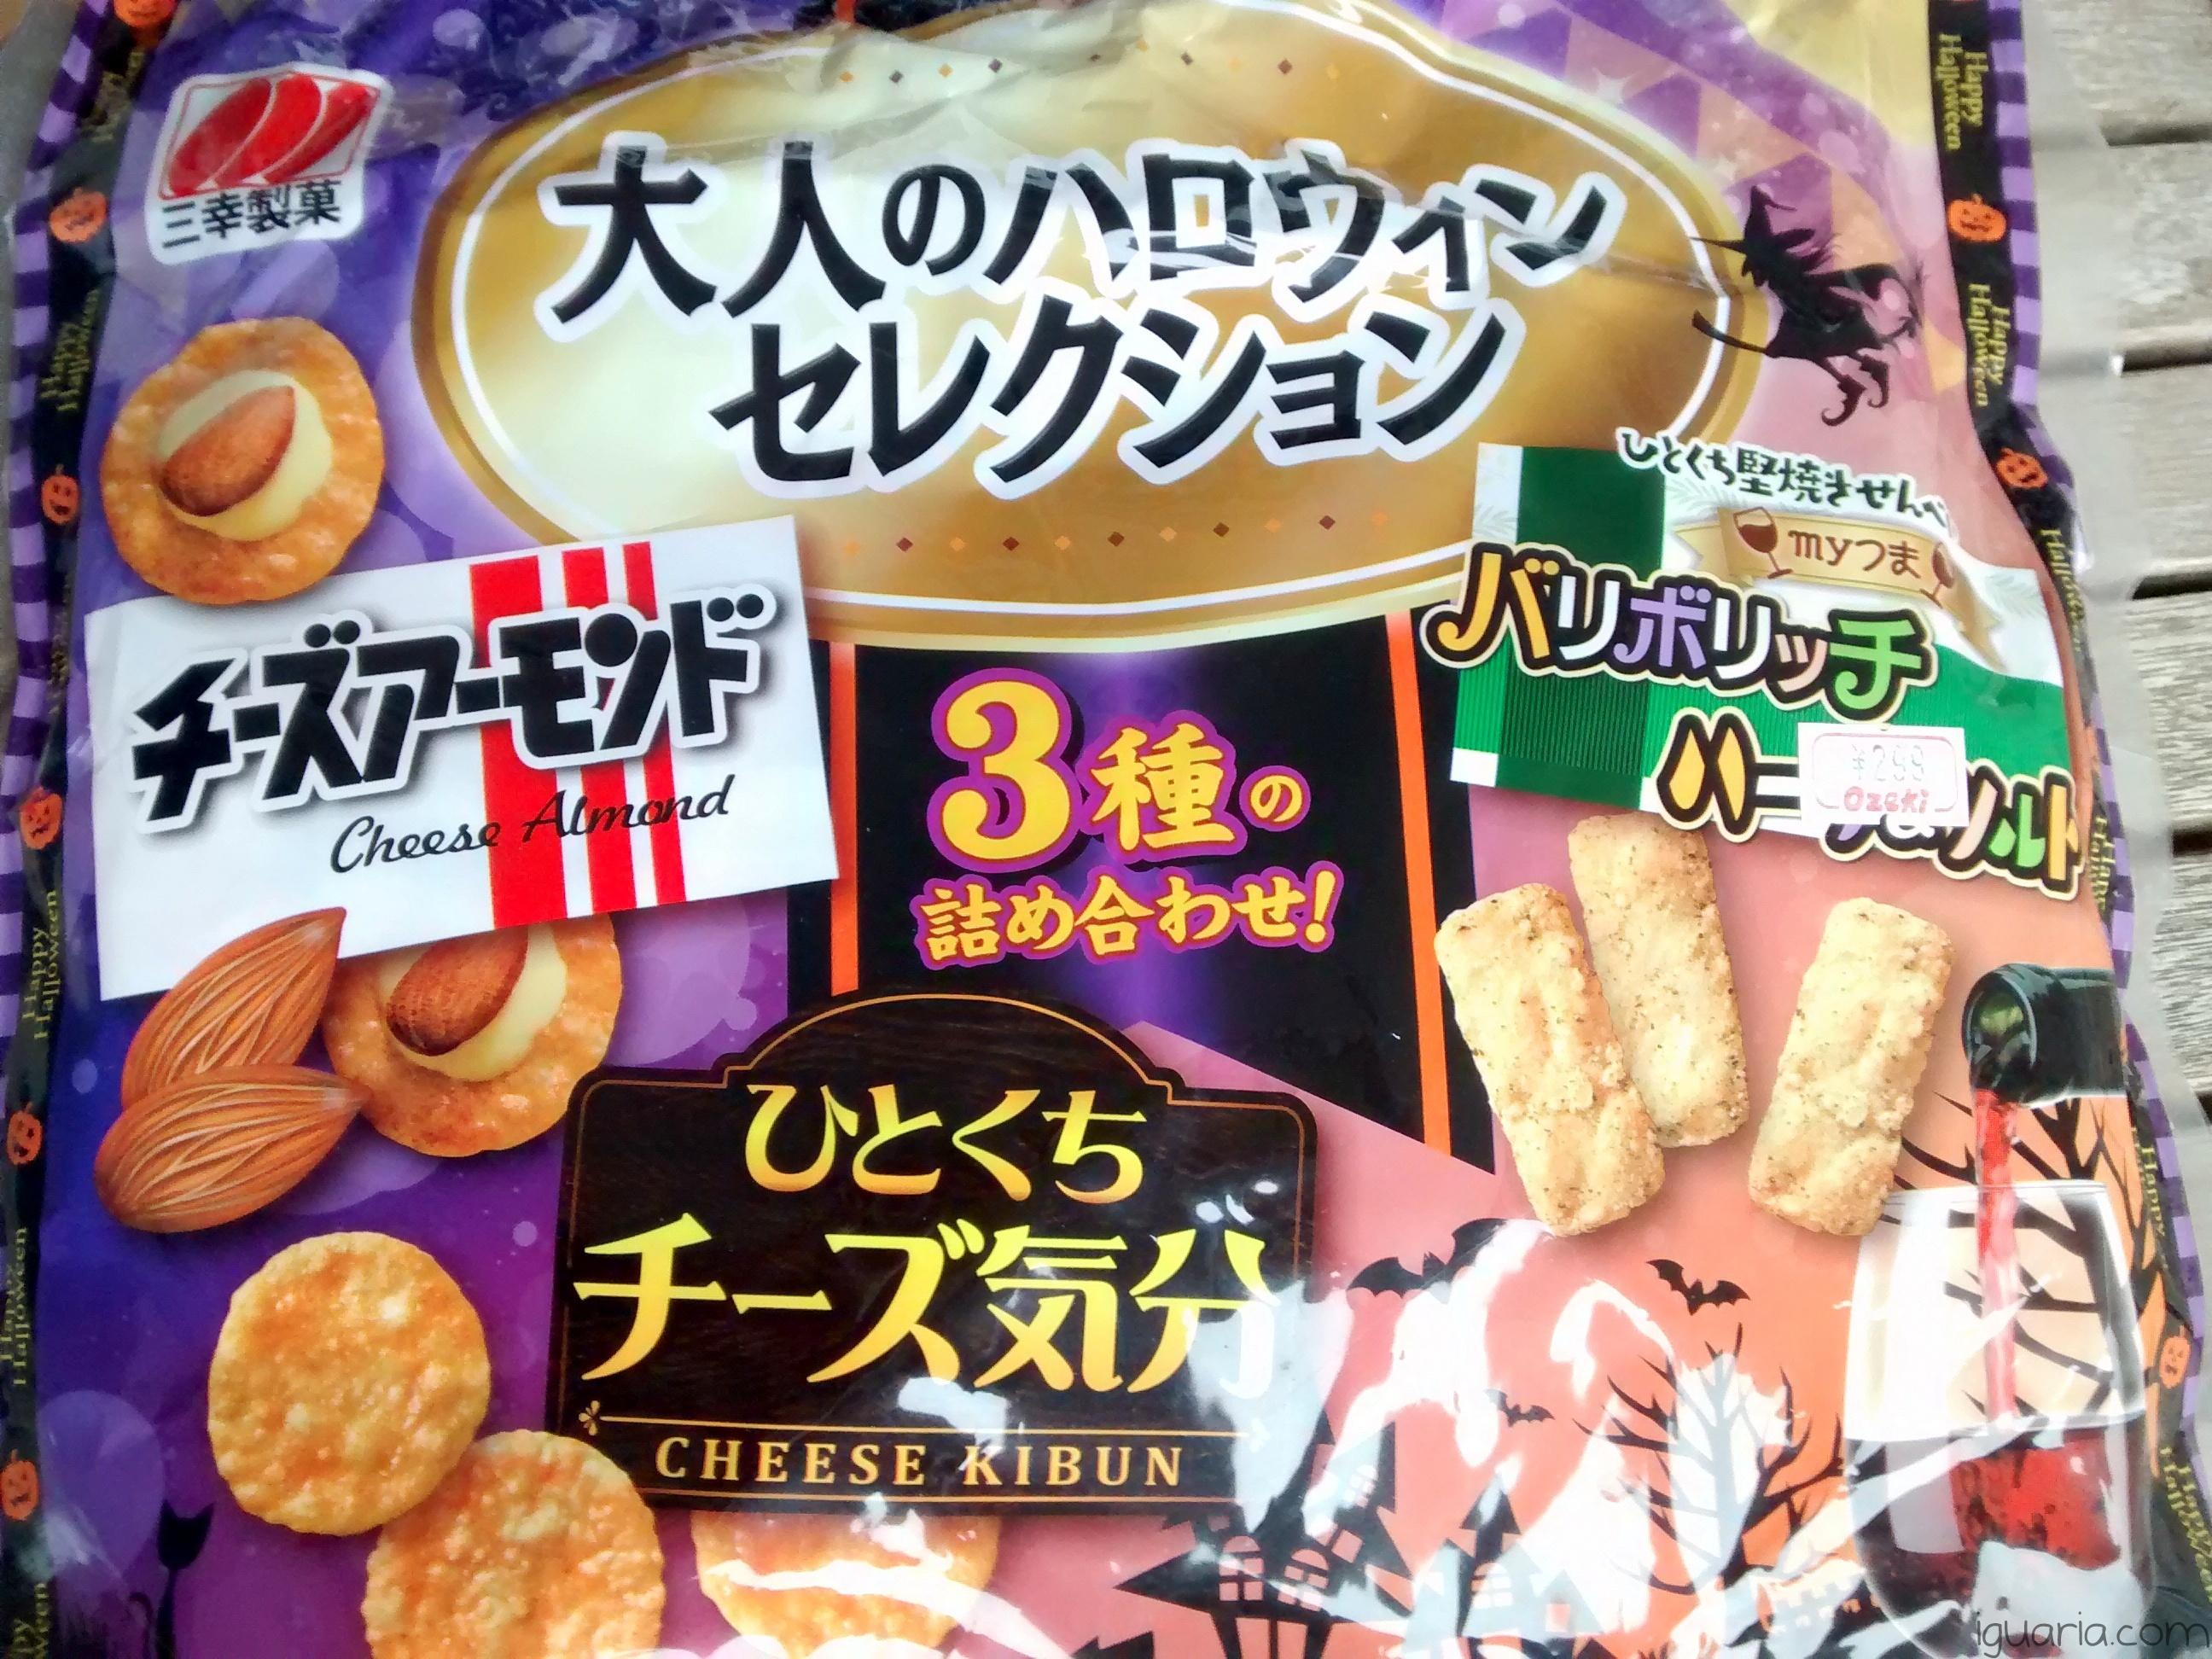 iguaria-snacks-halloween-cheese-kibun